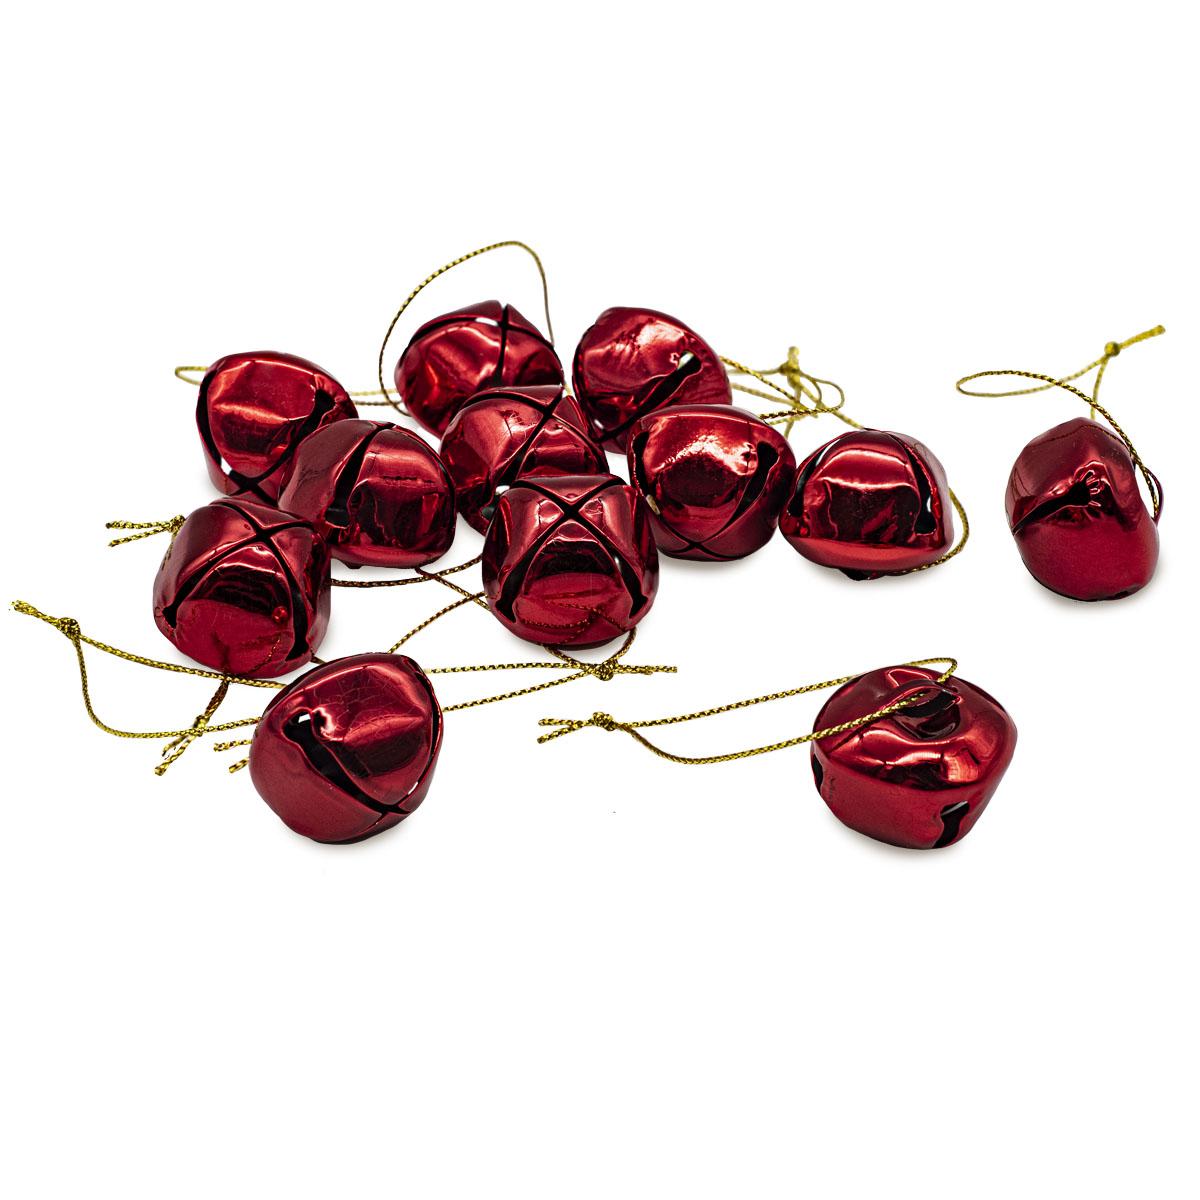 XY19-778 Бубенчики, красные, 3см, 12шт/упак.